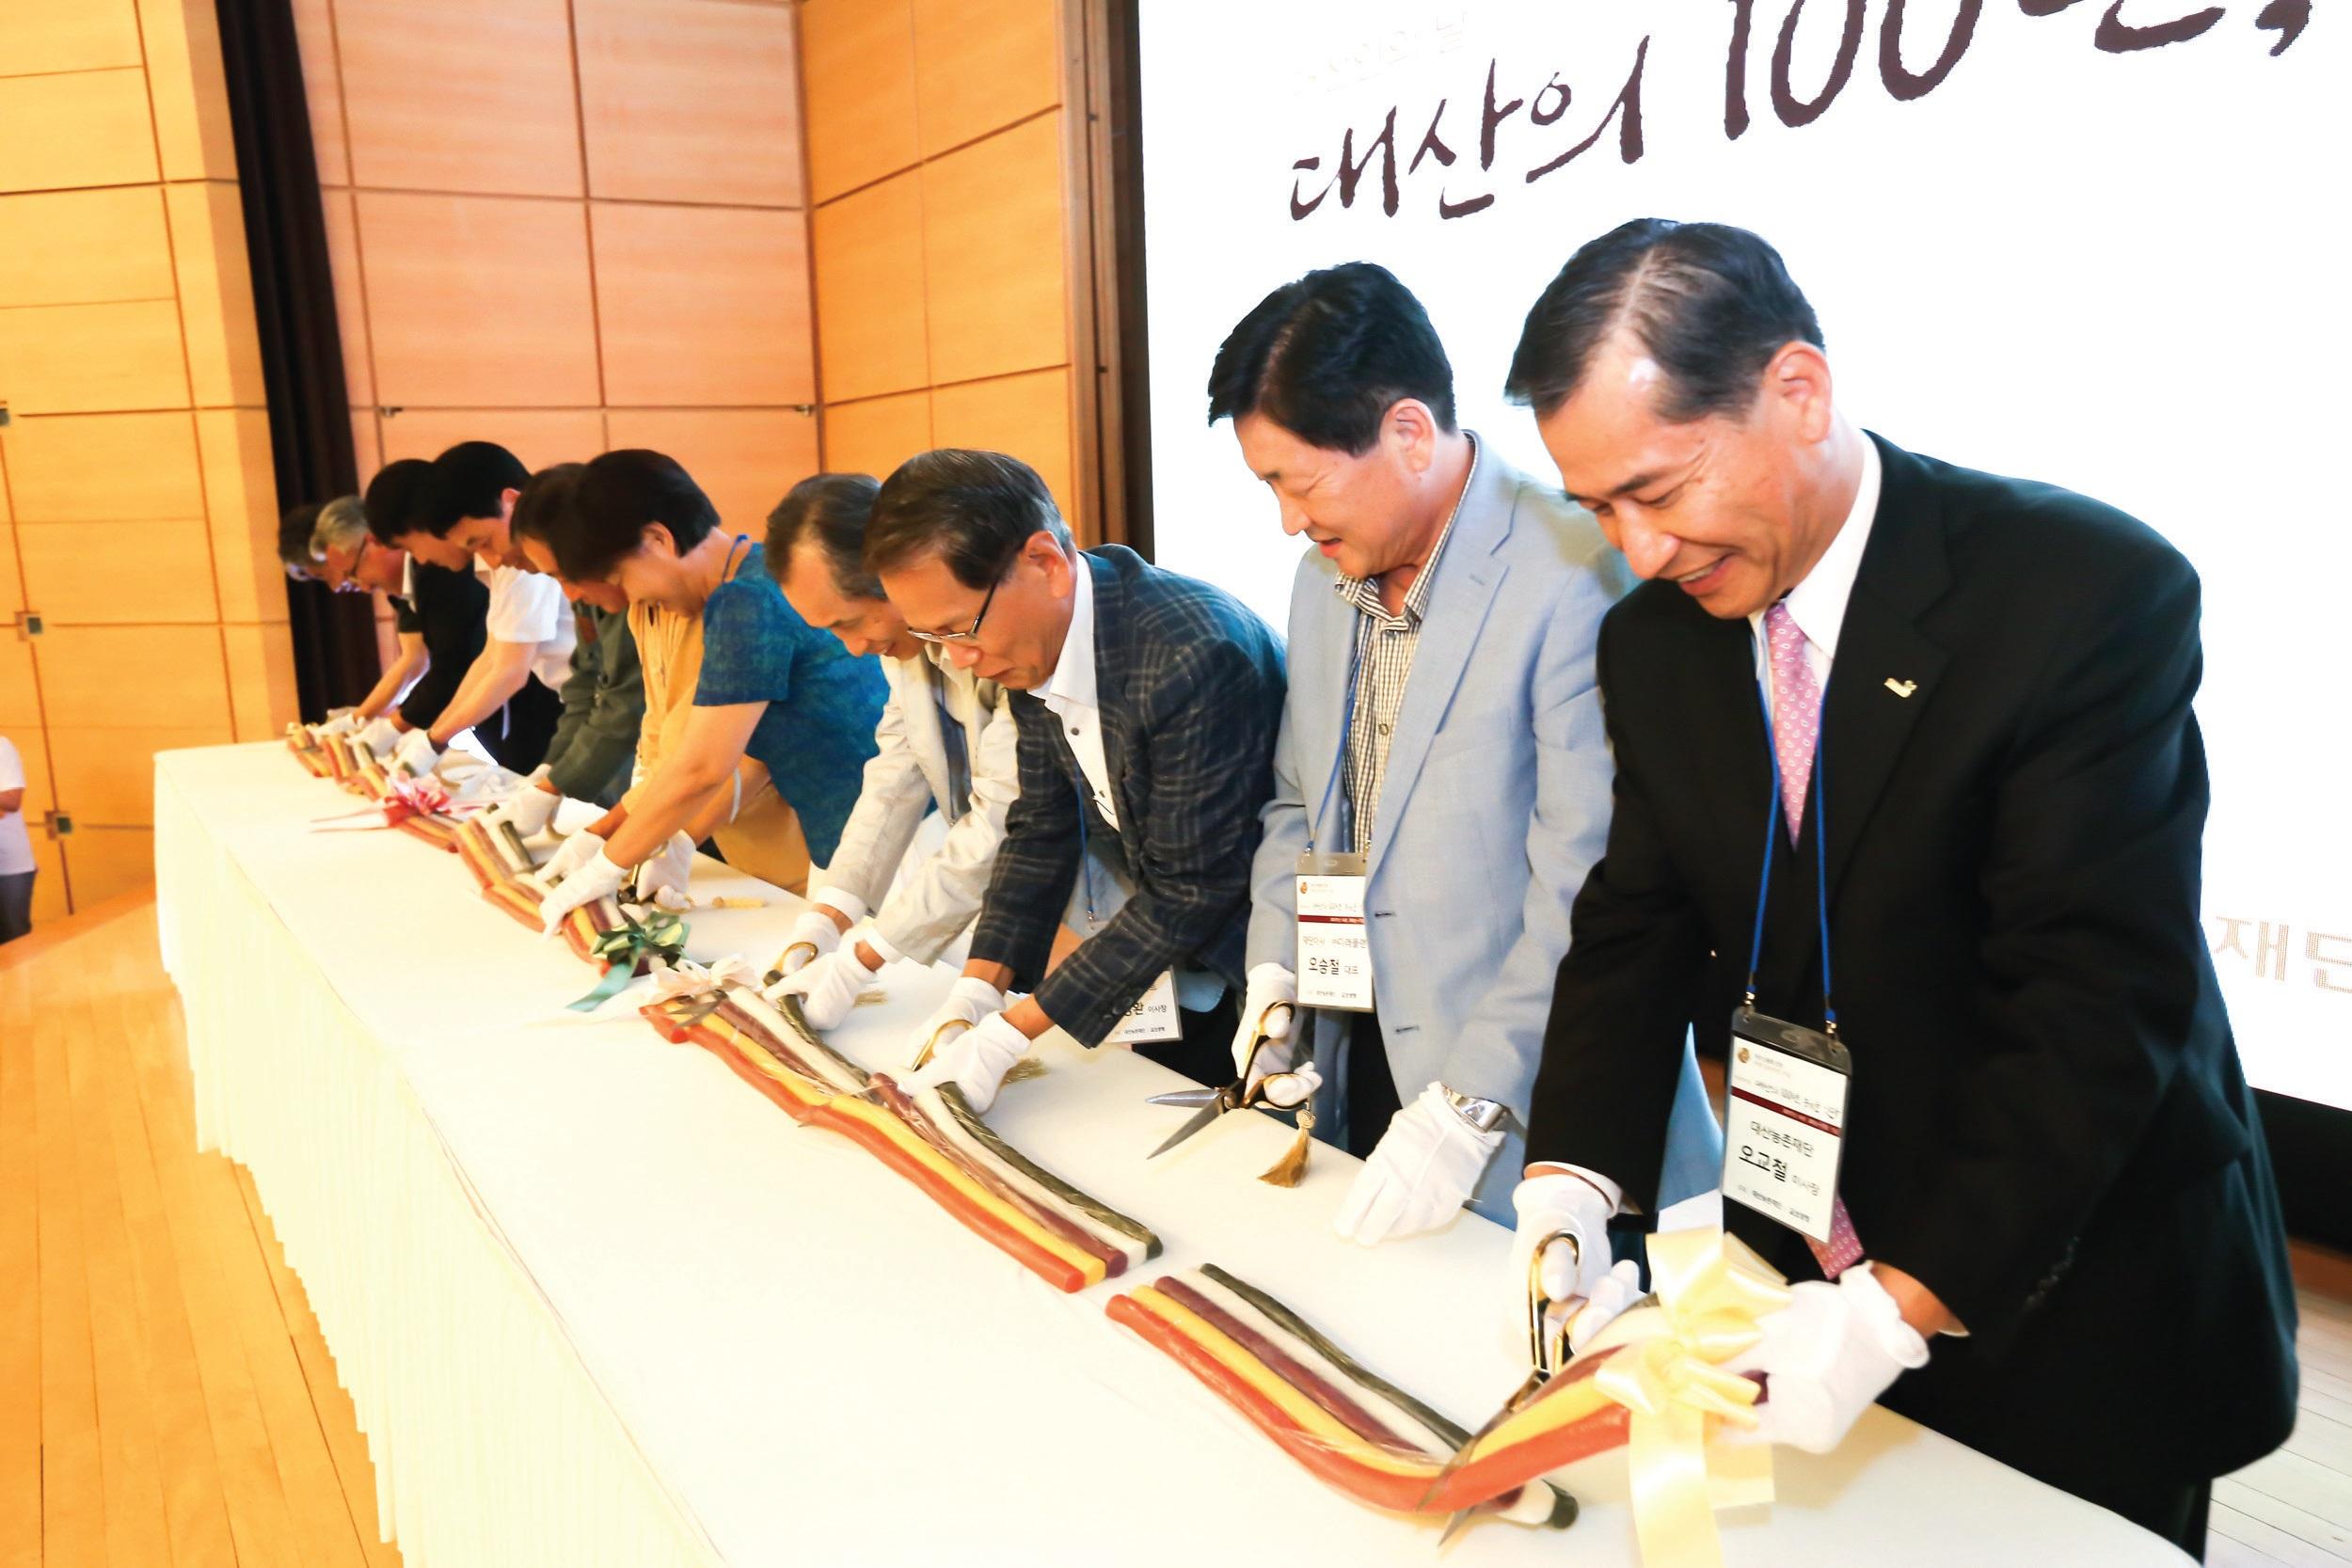 참석자들은 대산의 '100년'의 의미를 담은 100미터, '농'의 다원적 가치를 상징하는 '오색' 가래떡을 함께 자르며 축하했다.